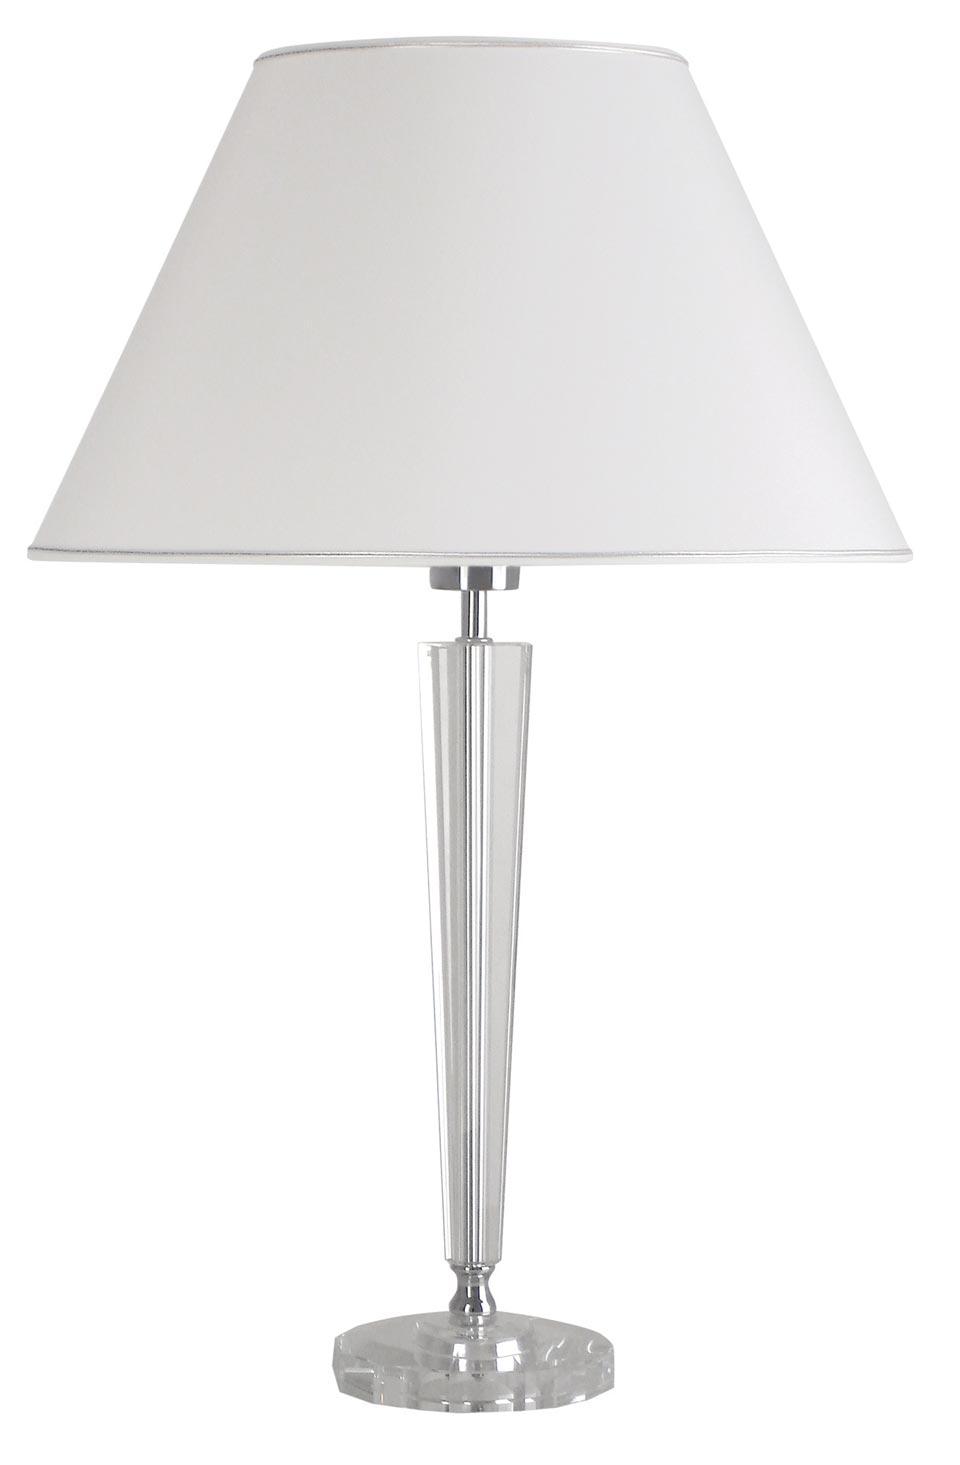 Lampe abat-jour blanc et en verre optique Henola B. Le Dauphin.